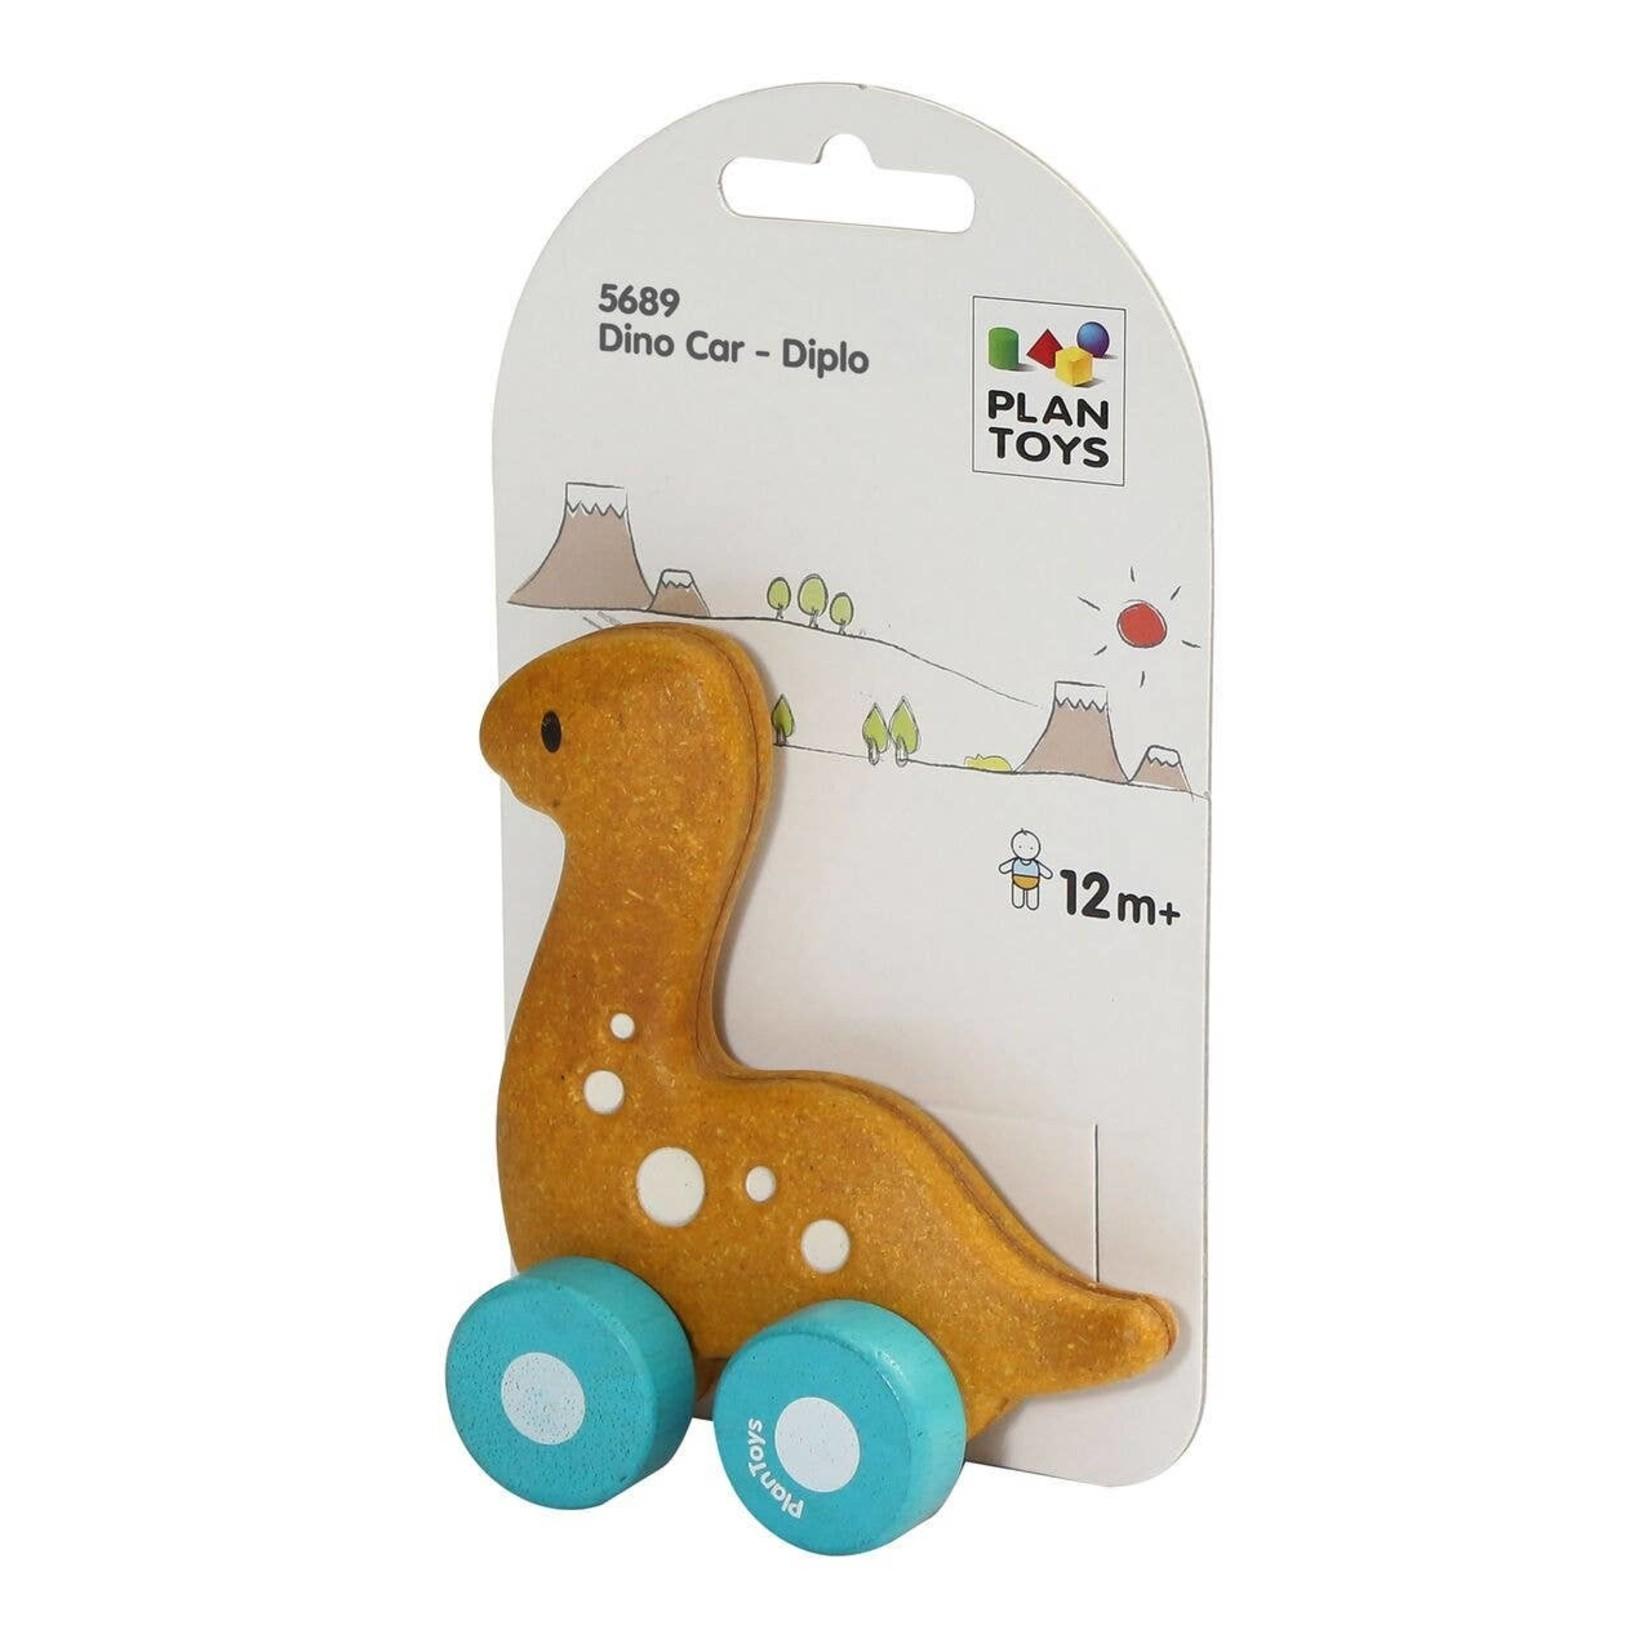 Plan Toys Diplo Dino Car